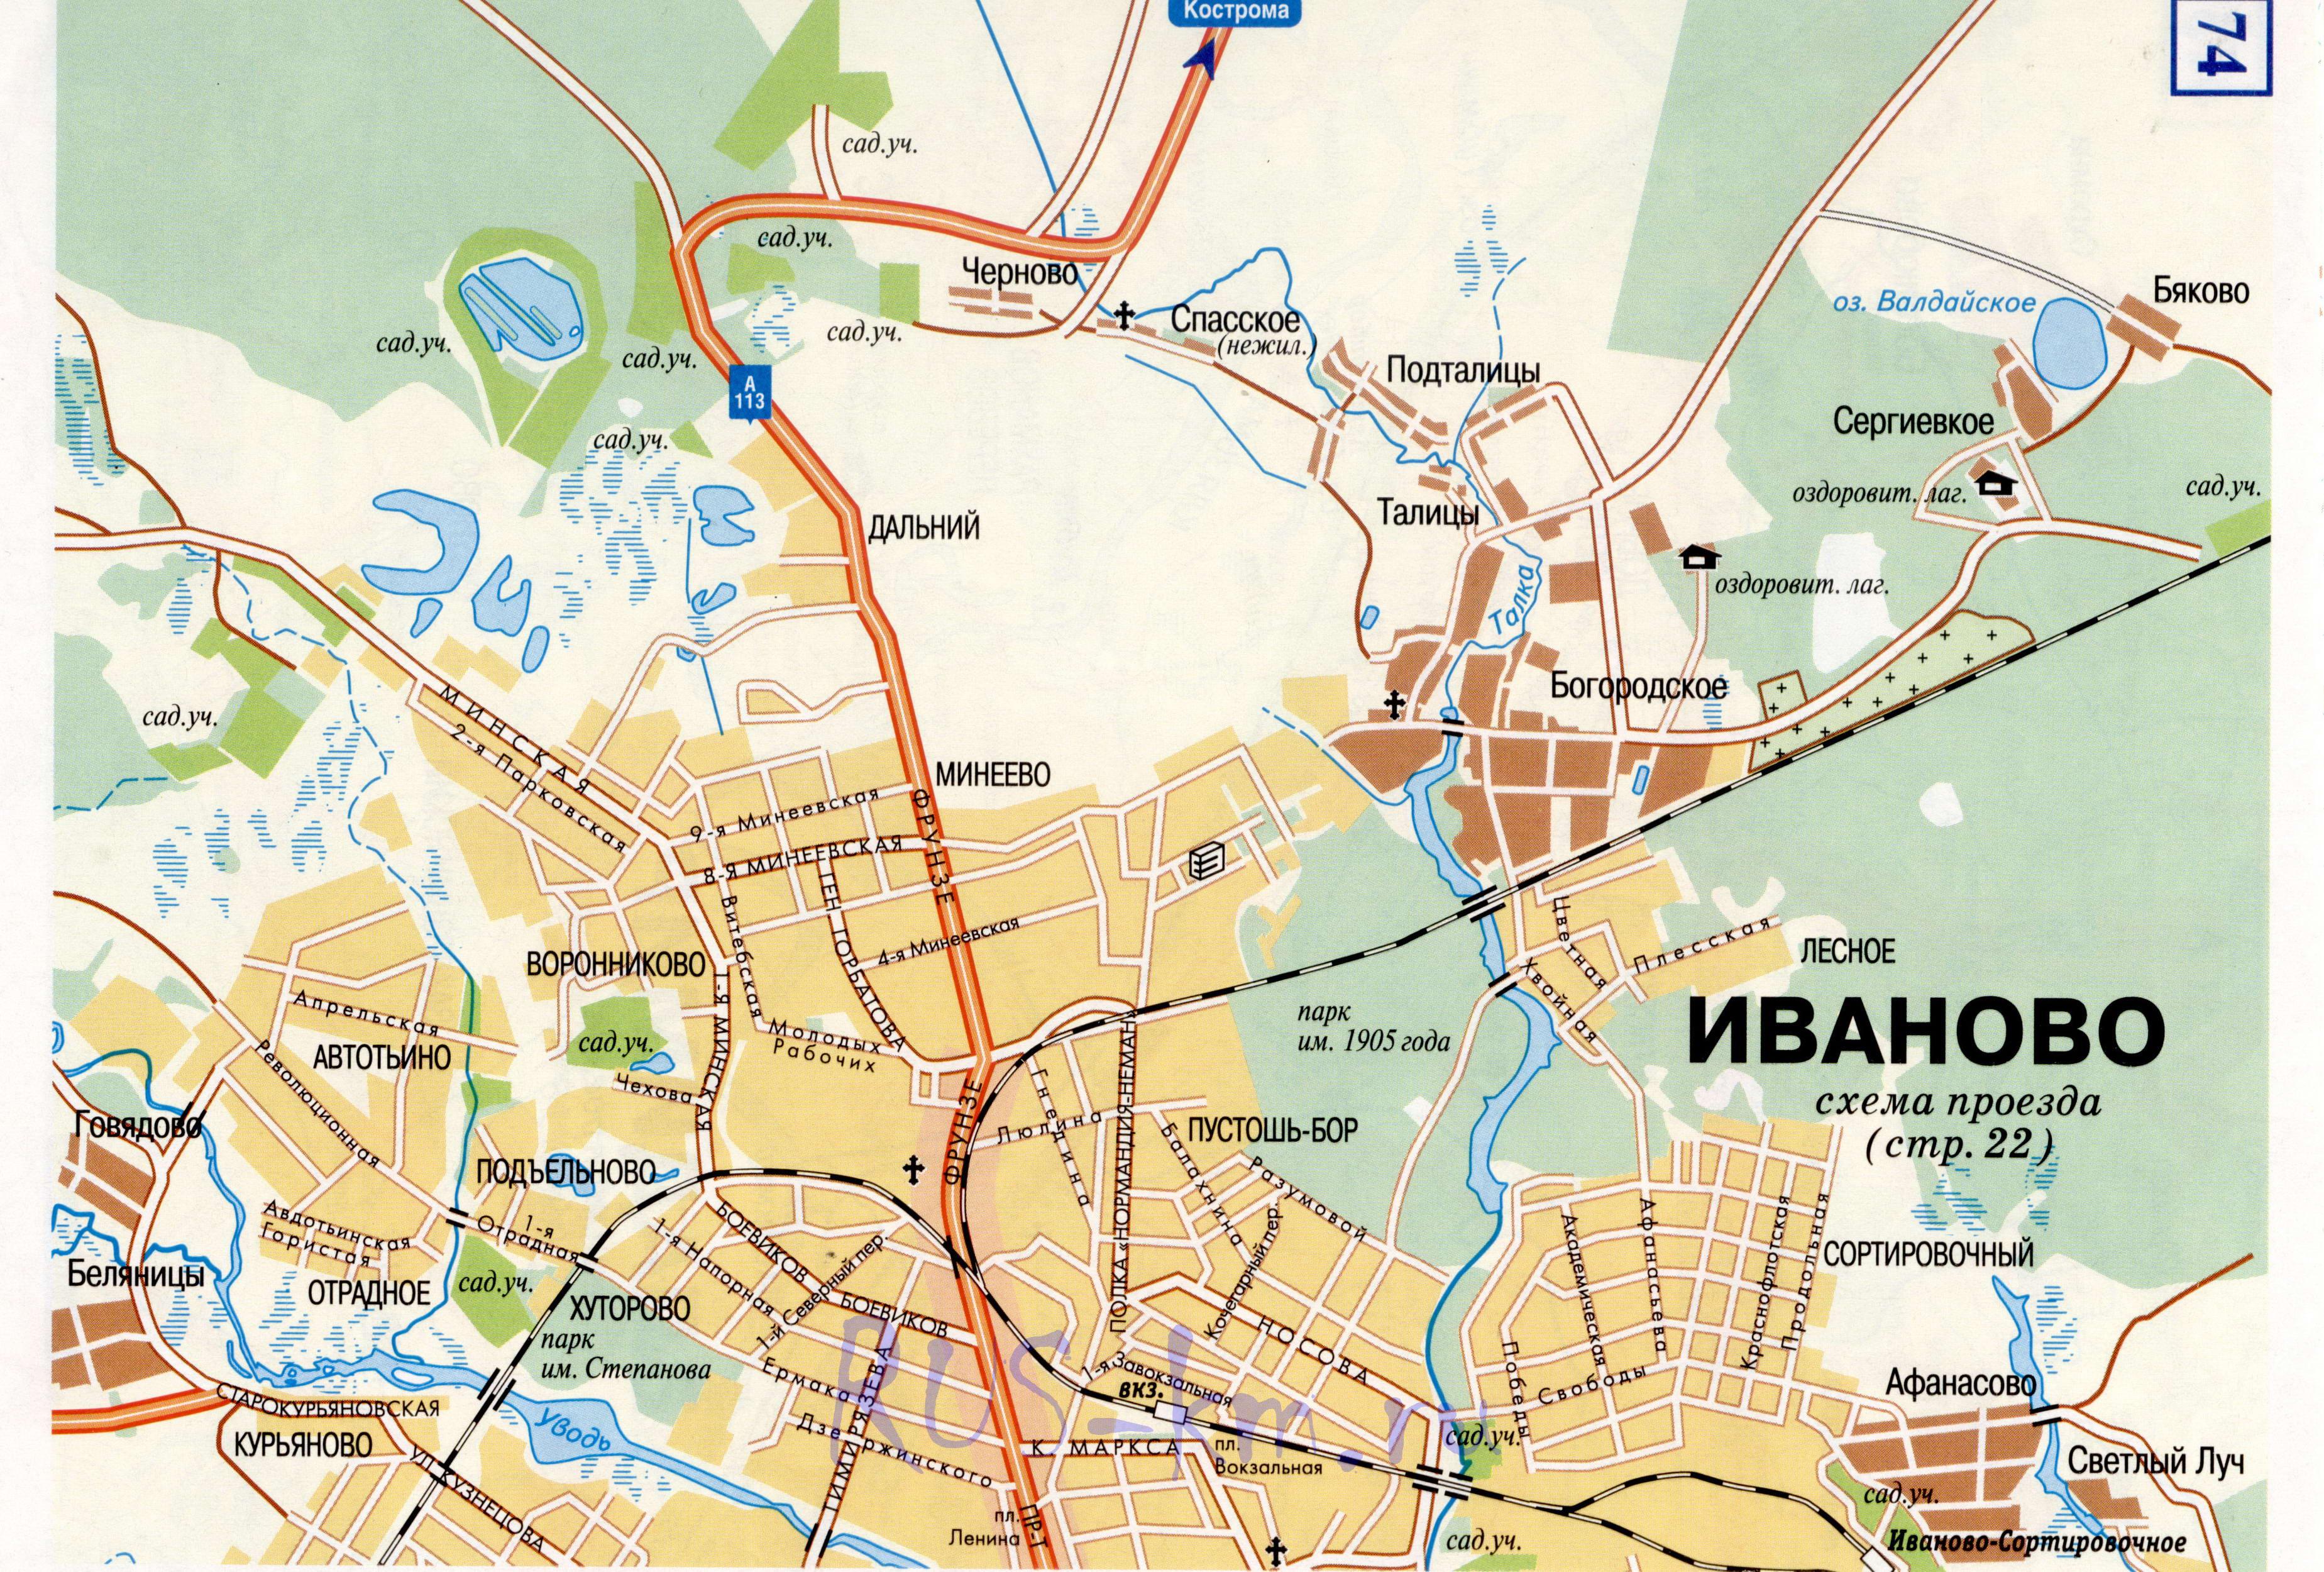 Подробная карта Иваново с названиями улиц и схемой транзитного проезда транспорта.  Скачать бесплатно карту города...